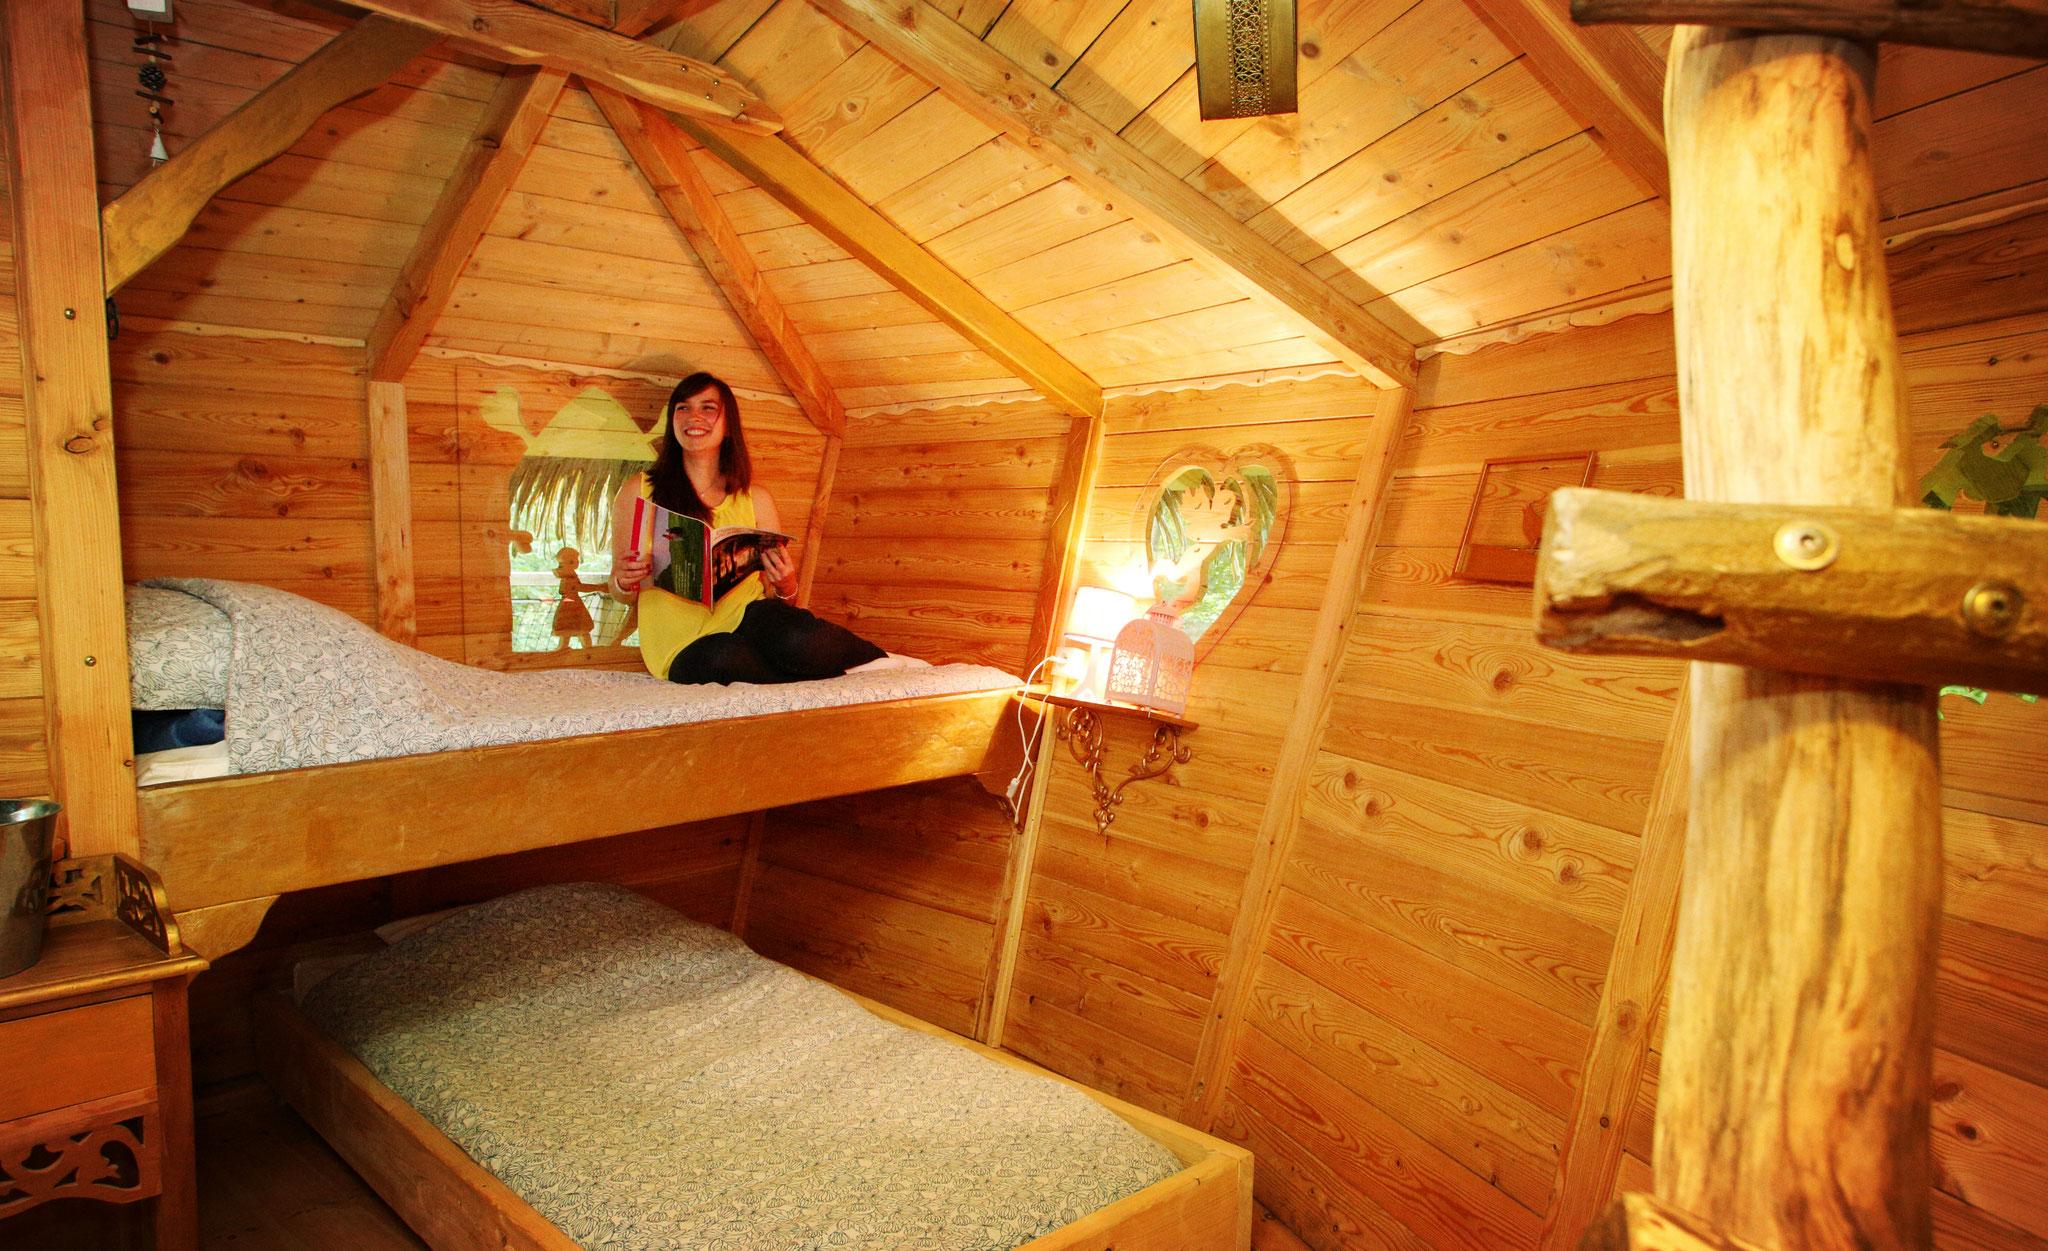 Louer un séjour insolite dans une cabane familiale 4 personnes à Le Crotoy